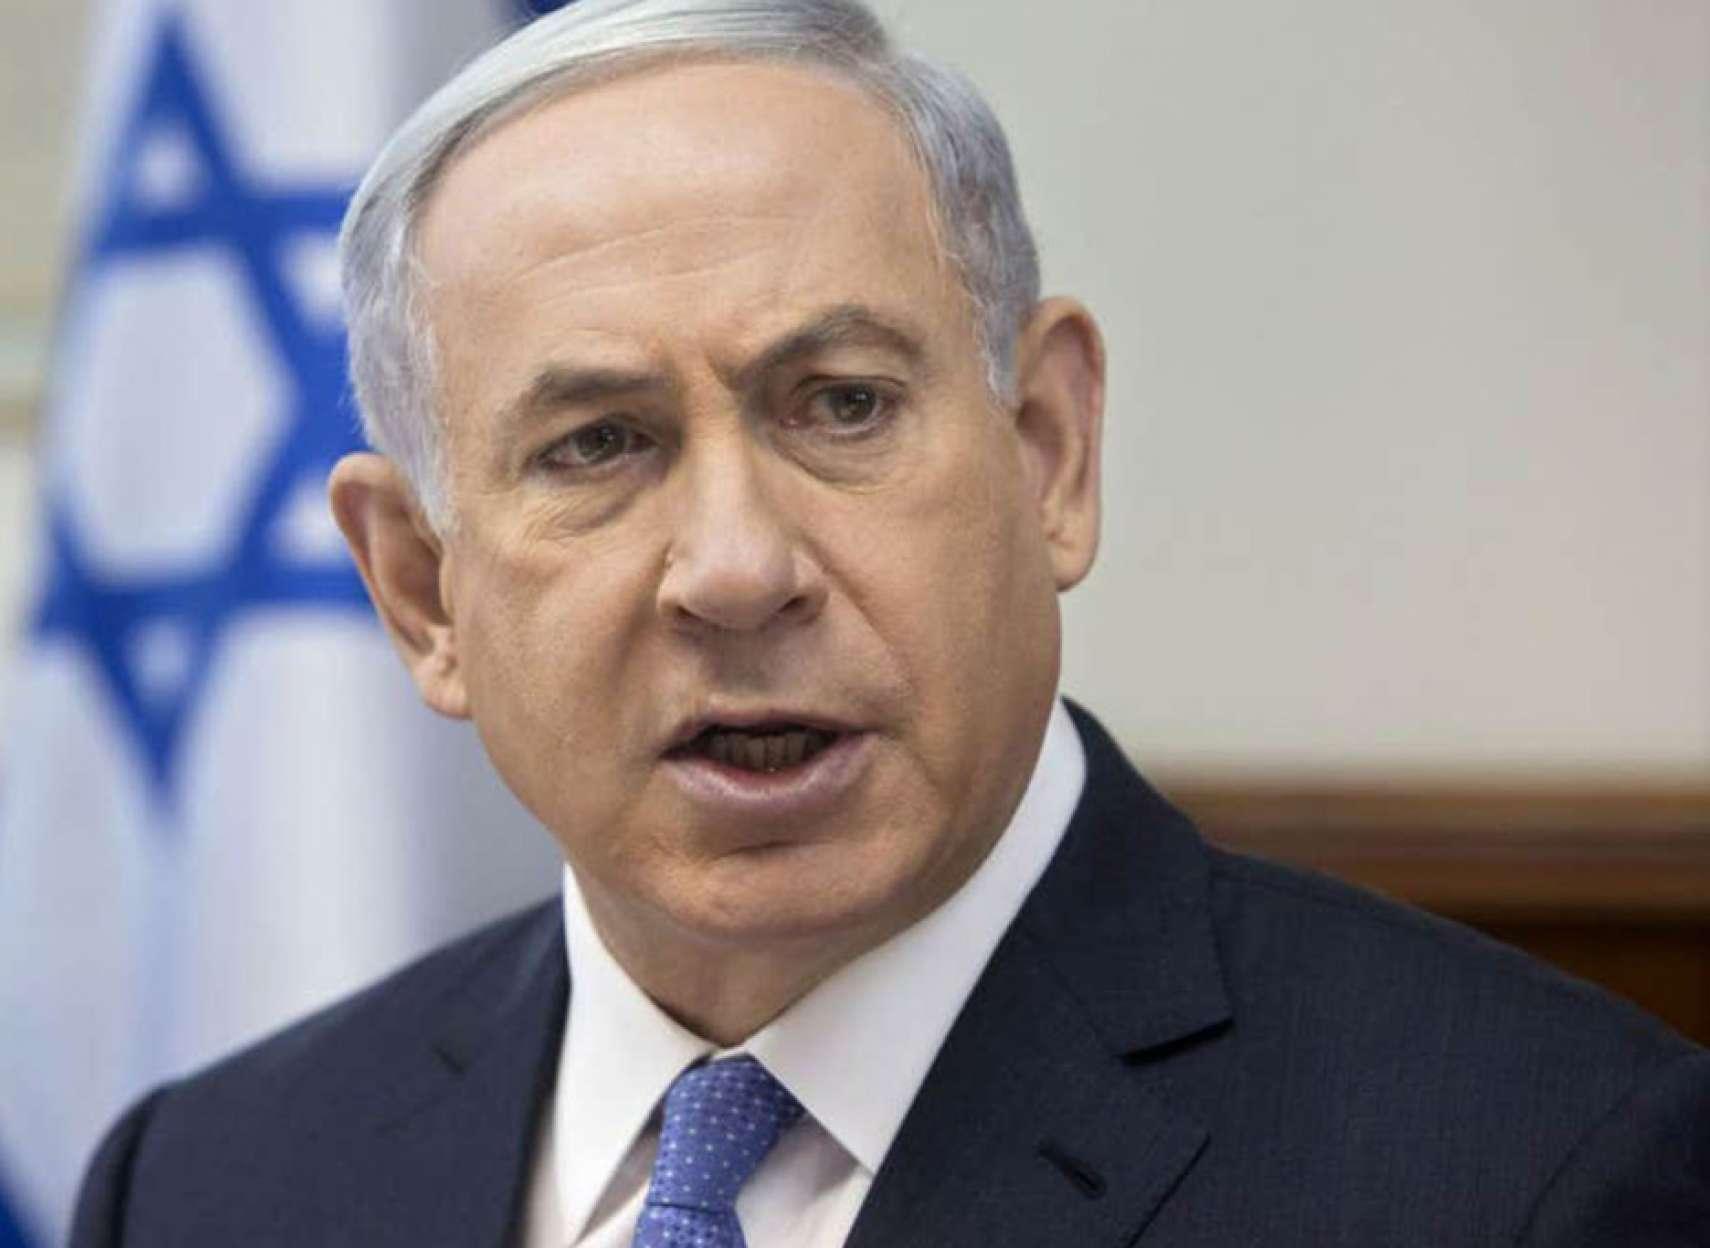 اخبار-دنیا-اسپانیا-حکم-دستگیری-نتانیاهو-را-صادر-میکند